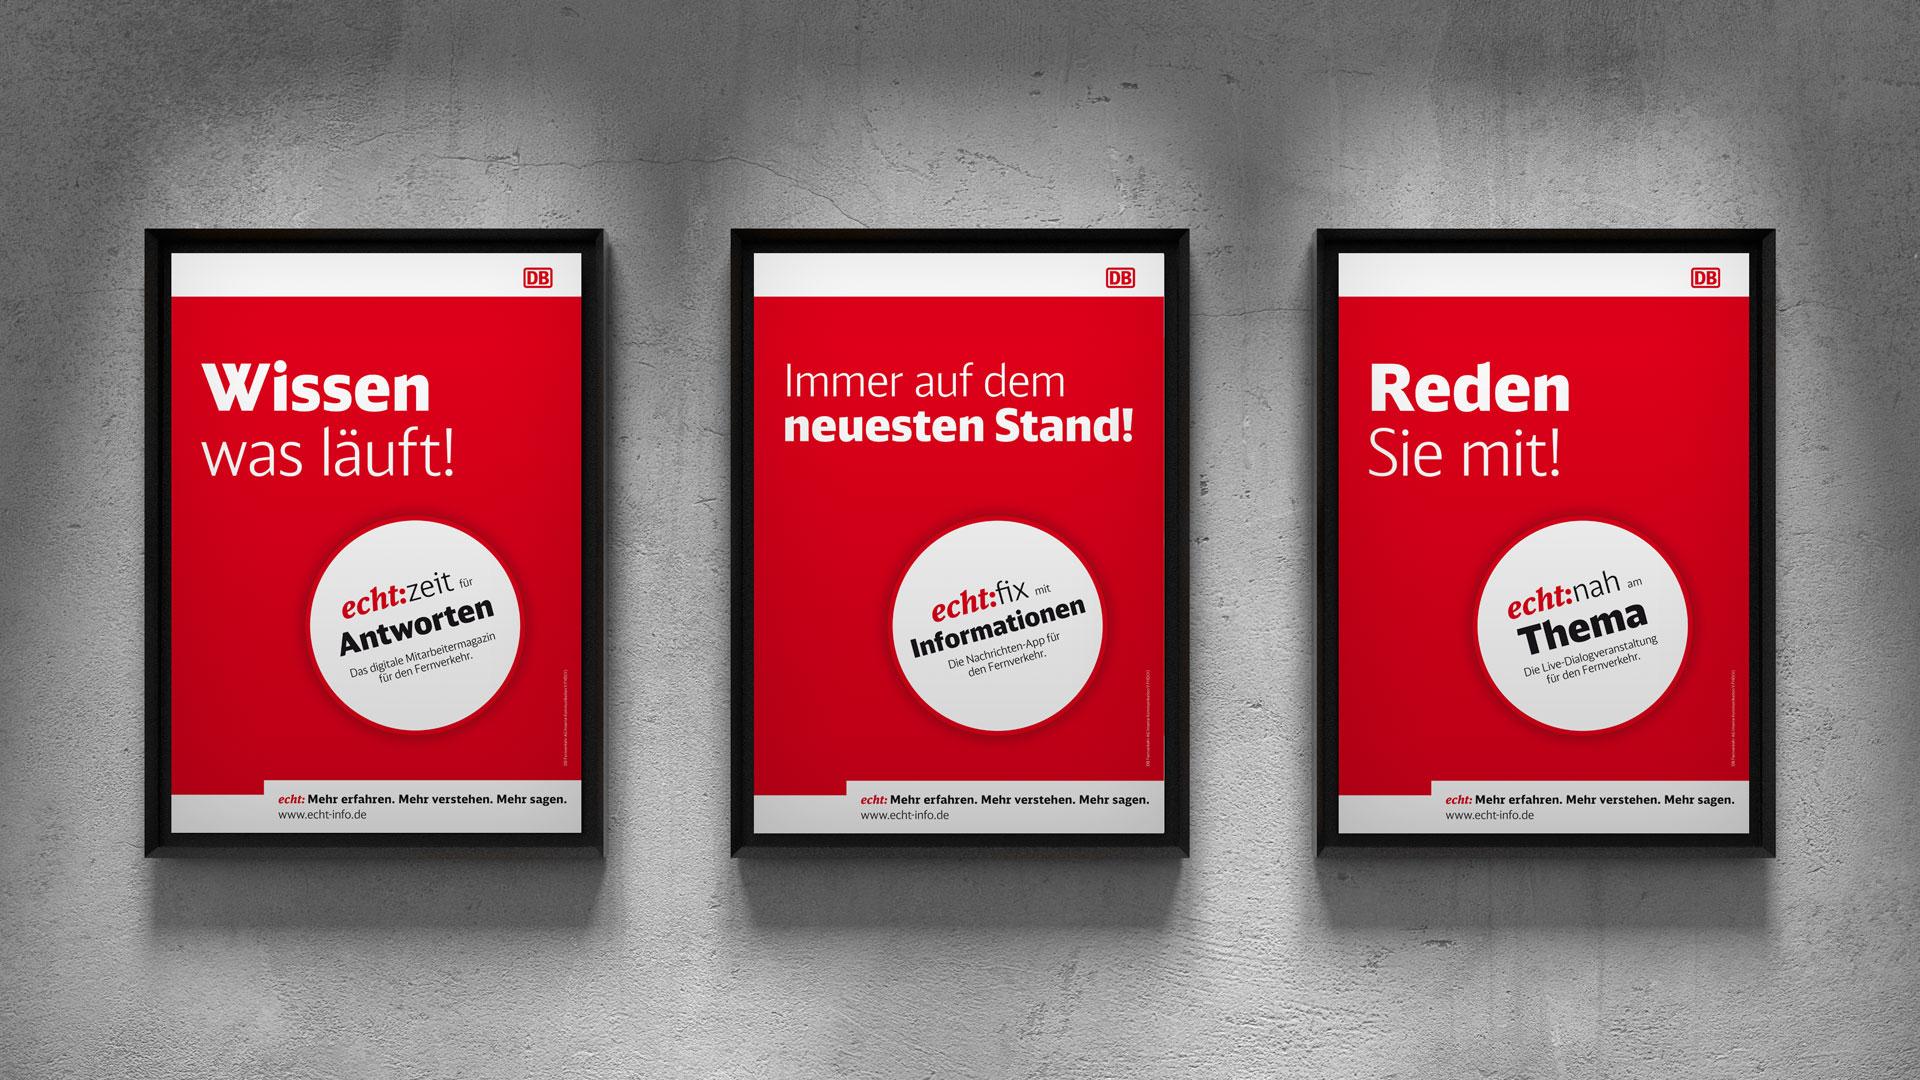 DB-Fernverkehr echt:zeit Poster